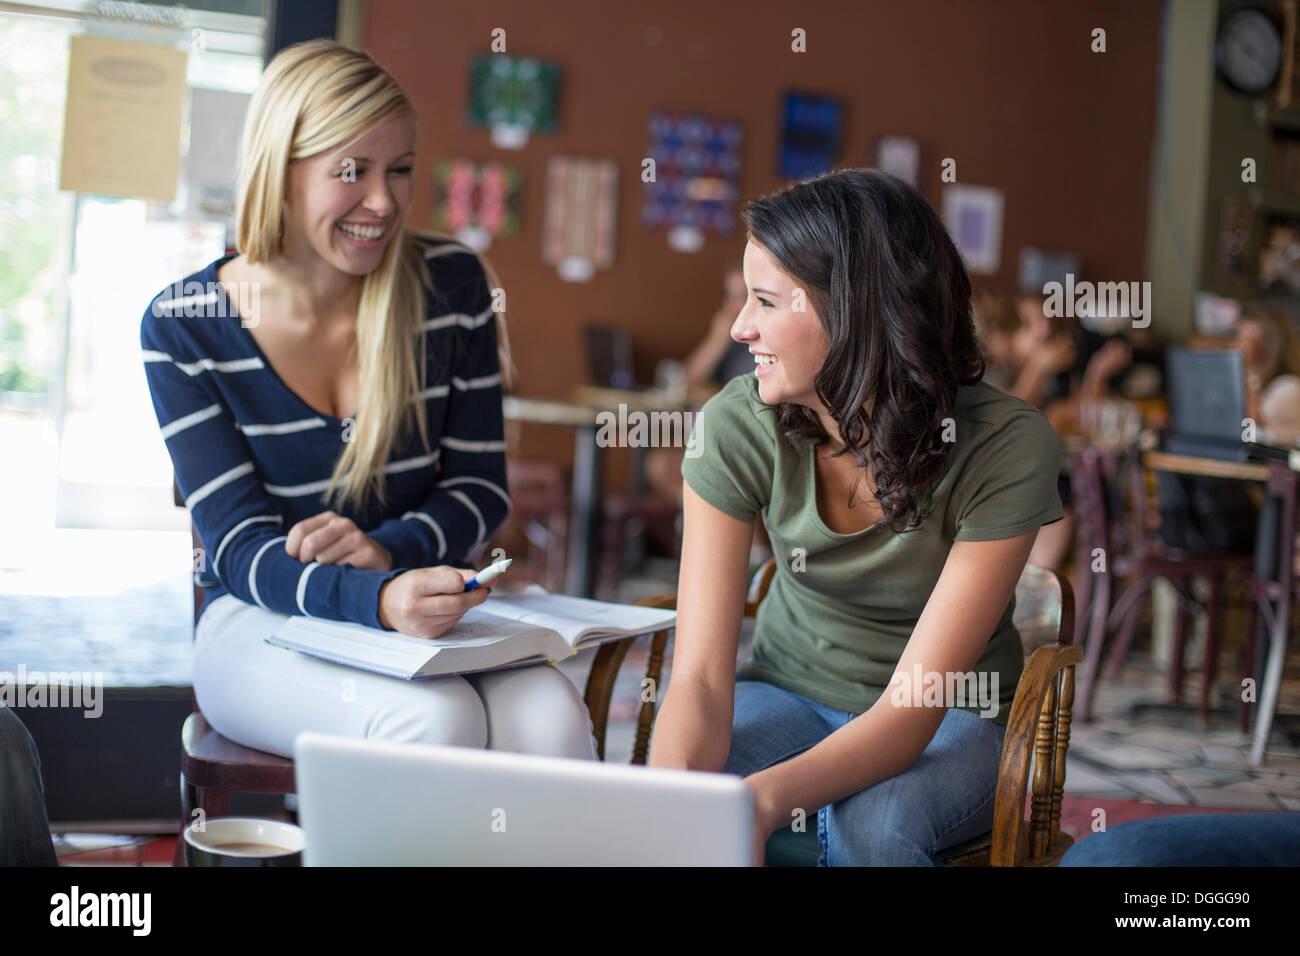 Dos adolescentes que estudian con libros de texto y equipo en cafe Imagen De Stock